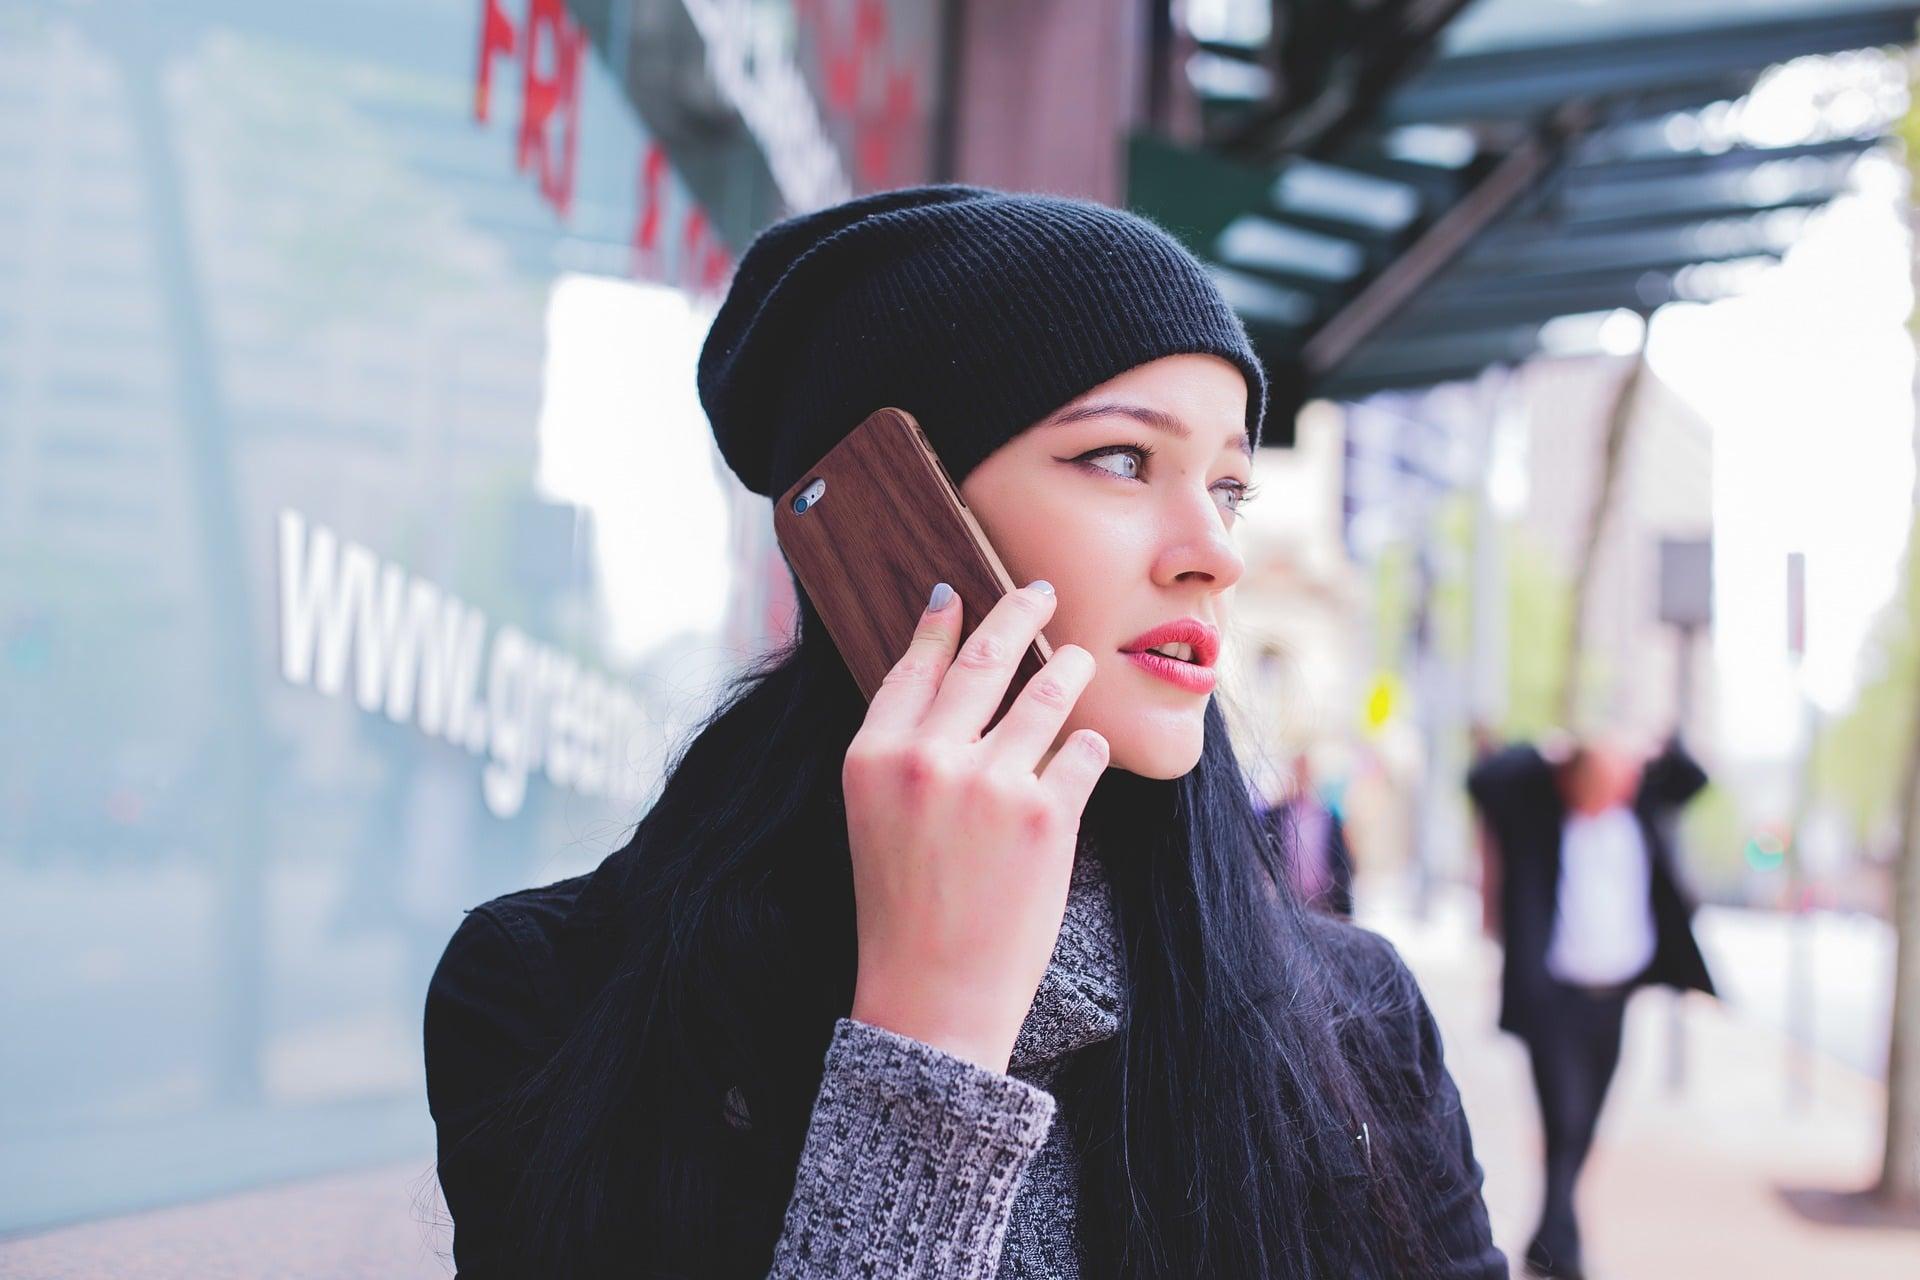 female phone